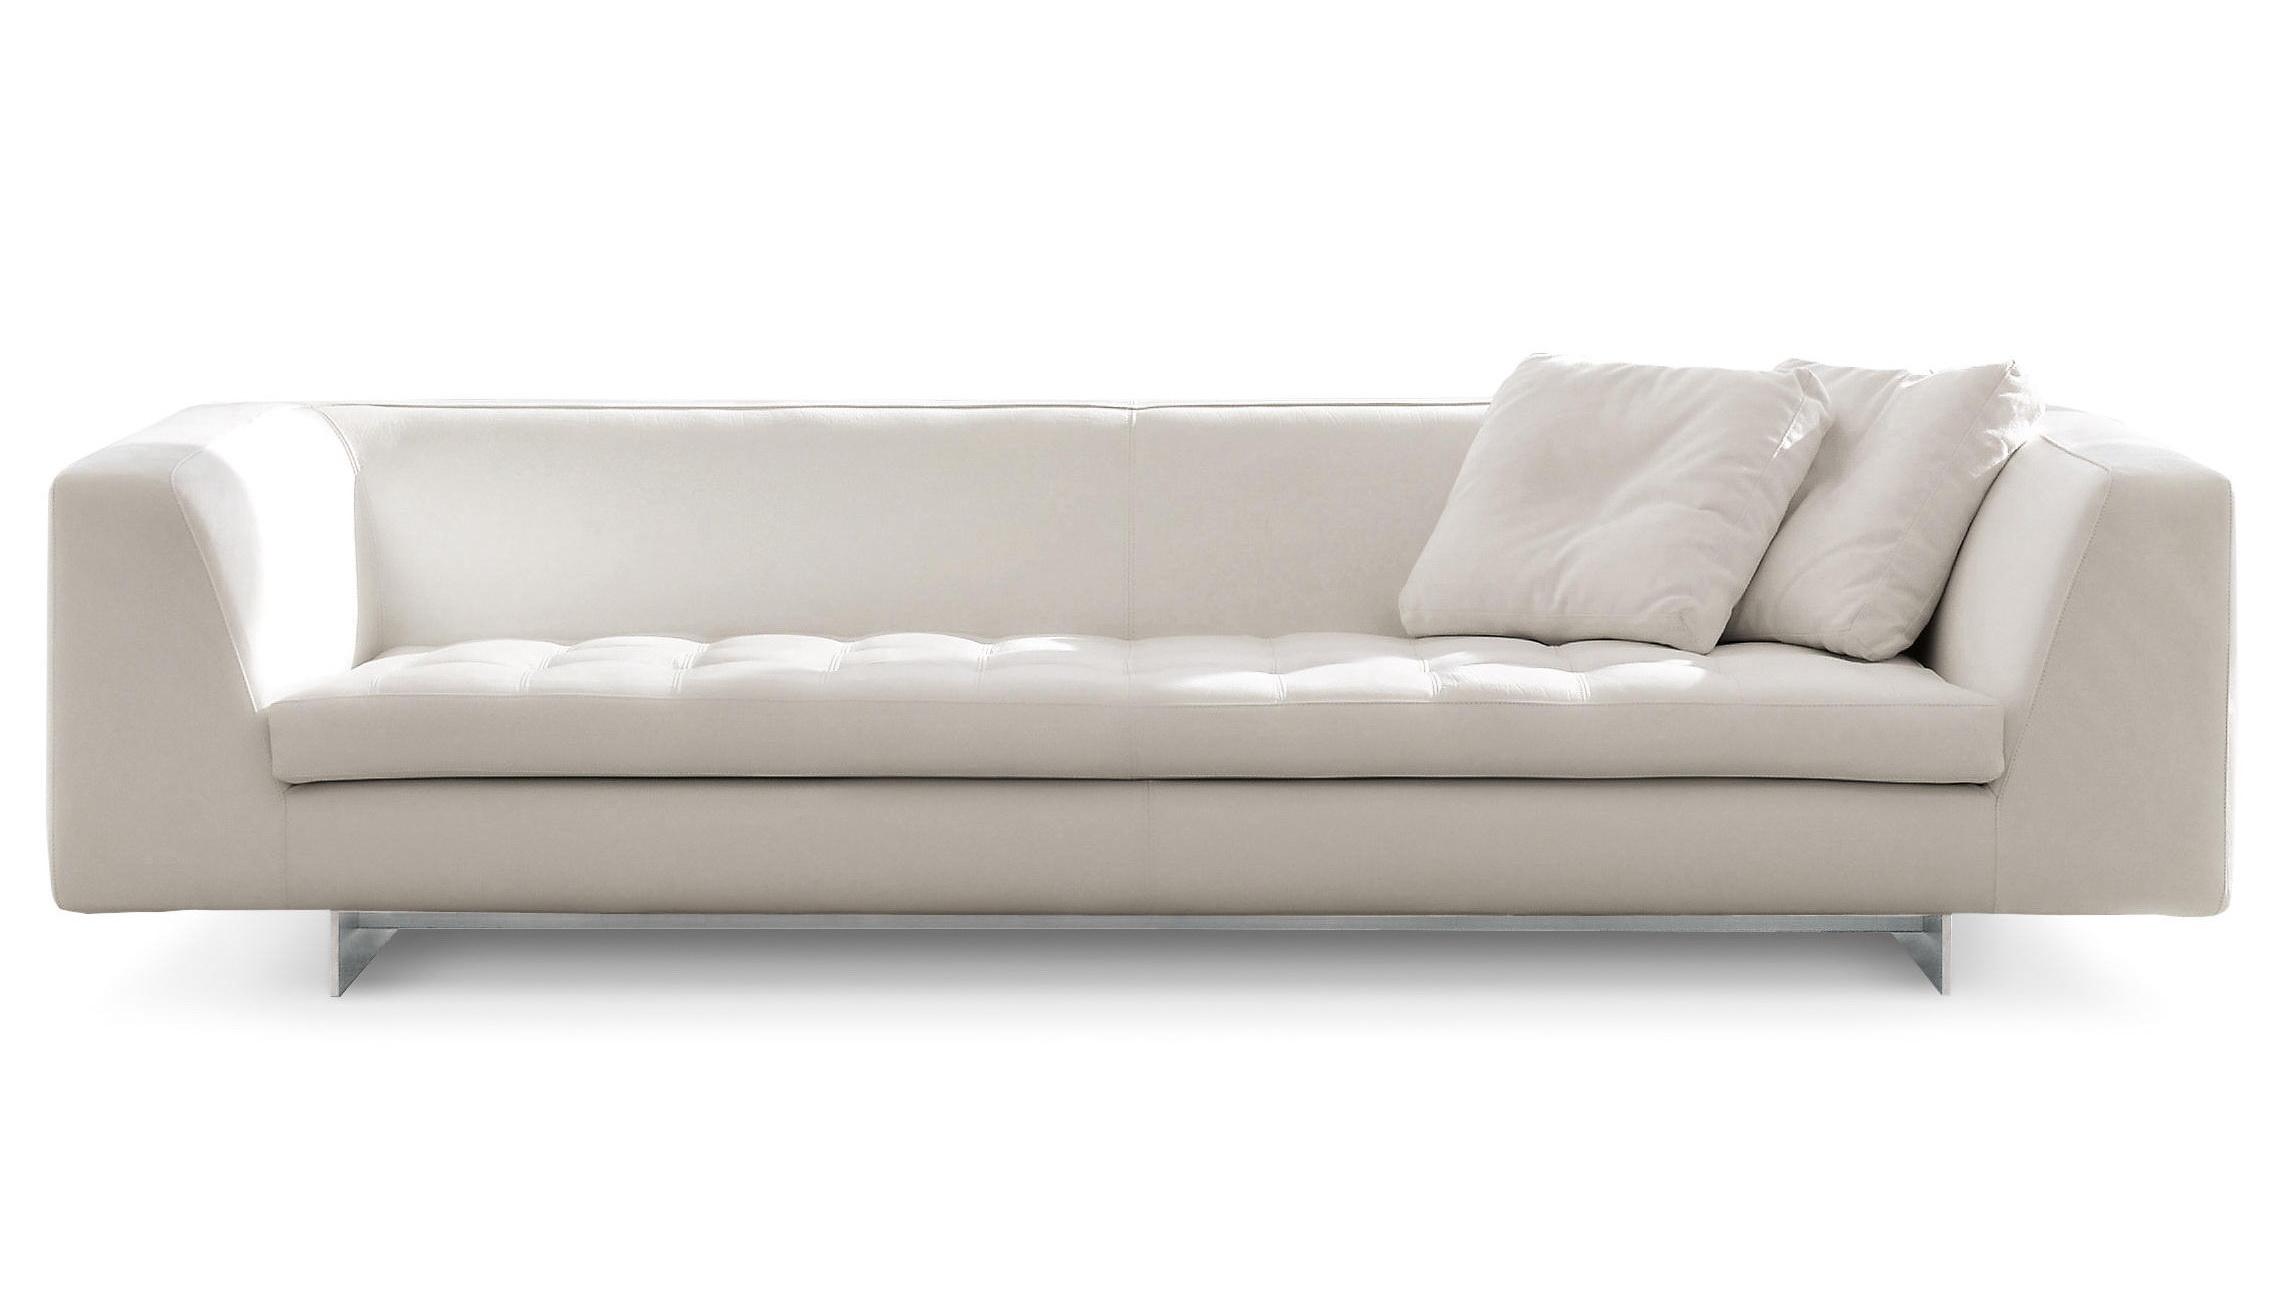 Sofa Haero - 2 apoyabrazos